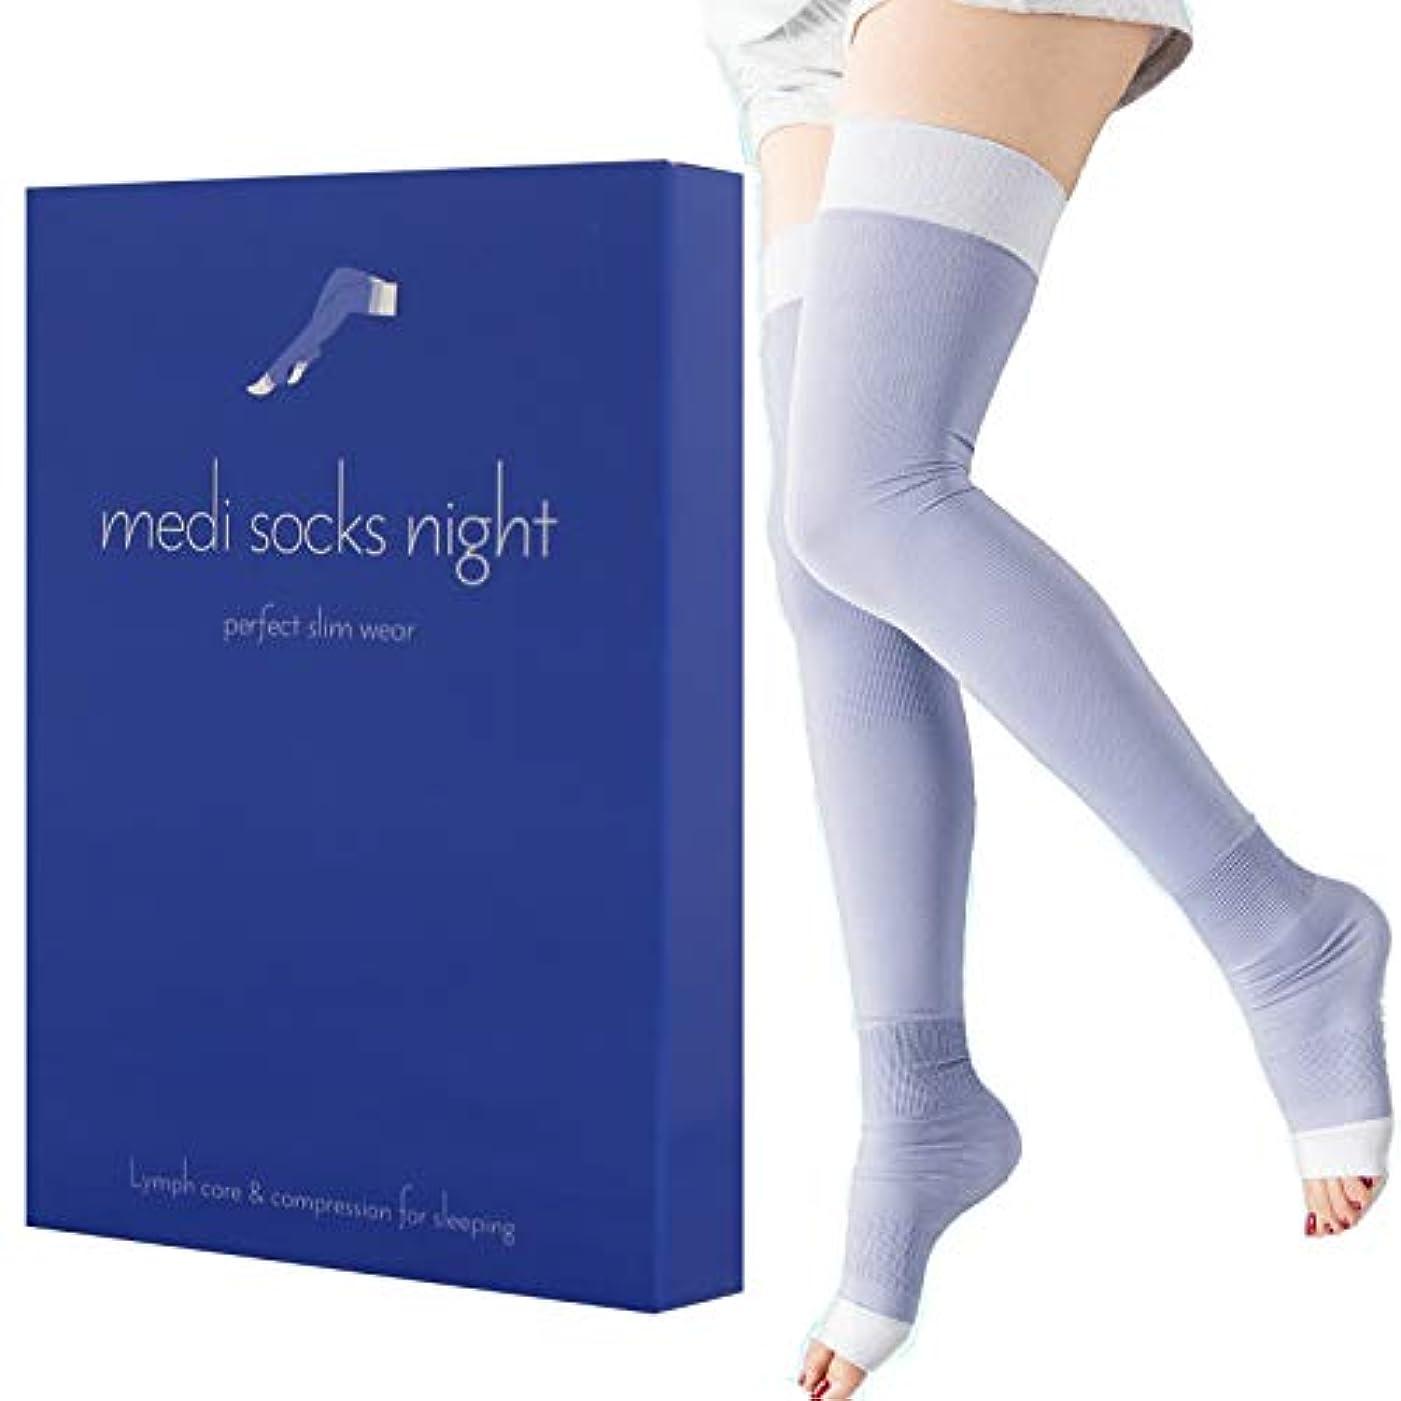 ジム咳衣服メディソックスナイト ~medi socks night~ Mサイズ